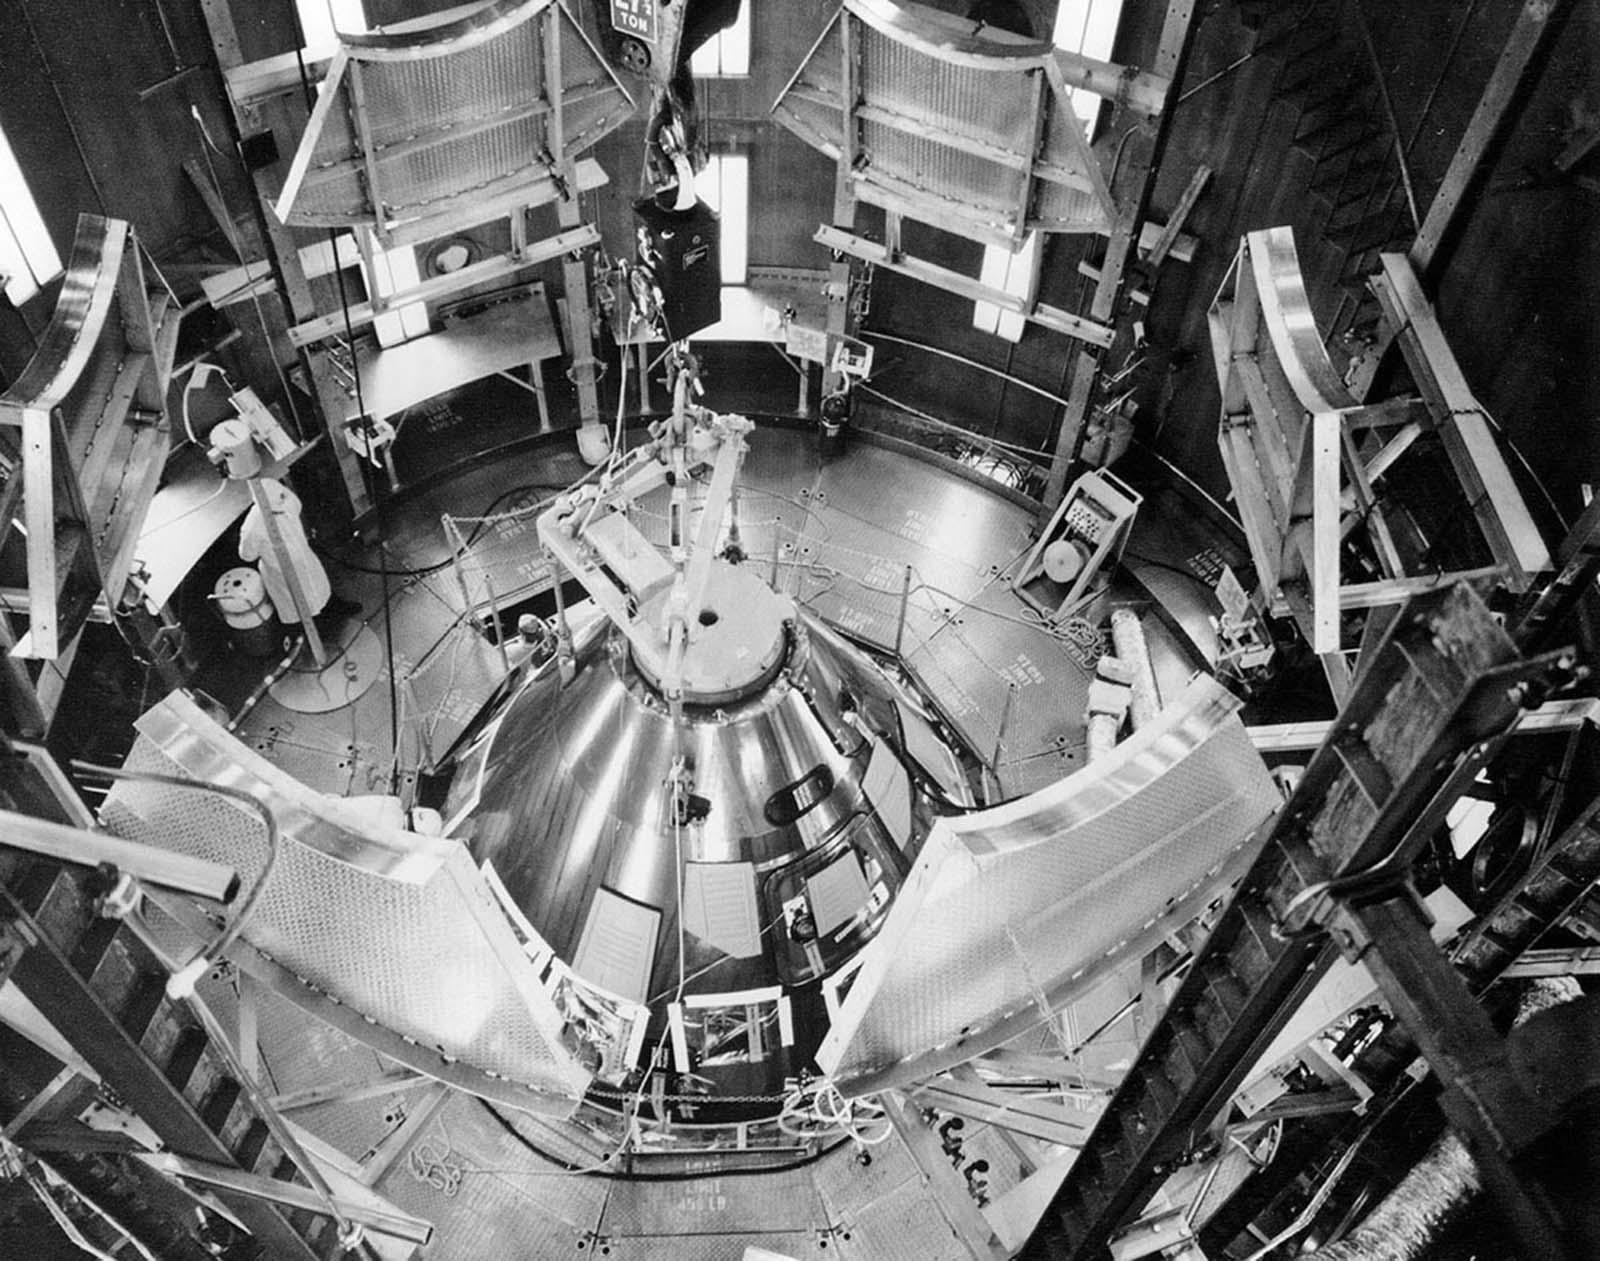 Os módulos de comando e serviço da Apollo 11 estão instalados na câmara de altitude do Edifício de Operações da Nave Espacial do Kennedy Space Center.